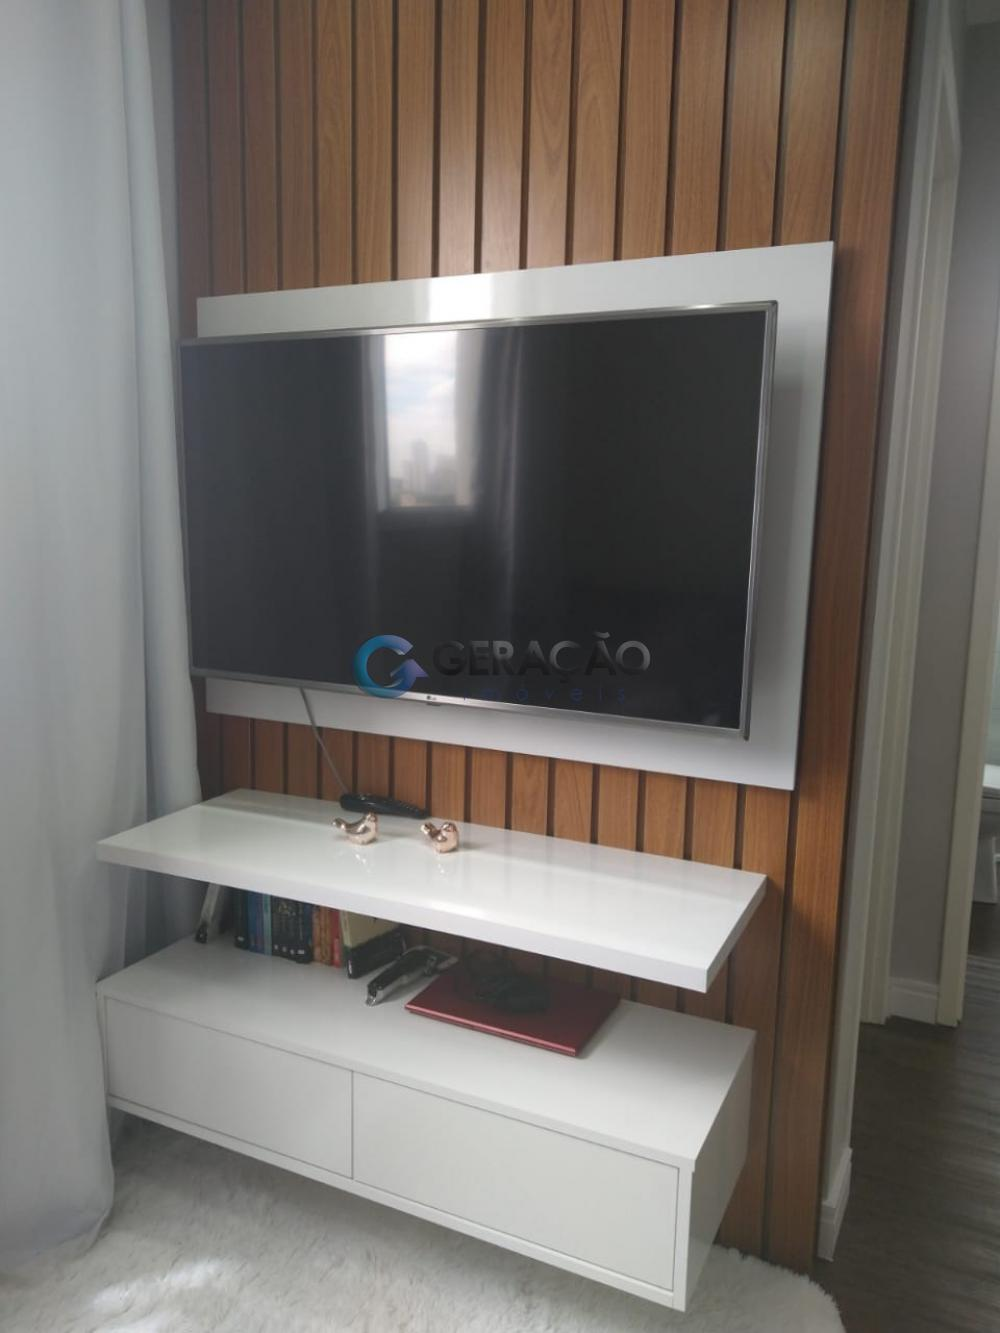 Comprar Apartamento / Padrão em São José dos Campos apenas R$ 293.000,00 - Foto 3